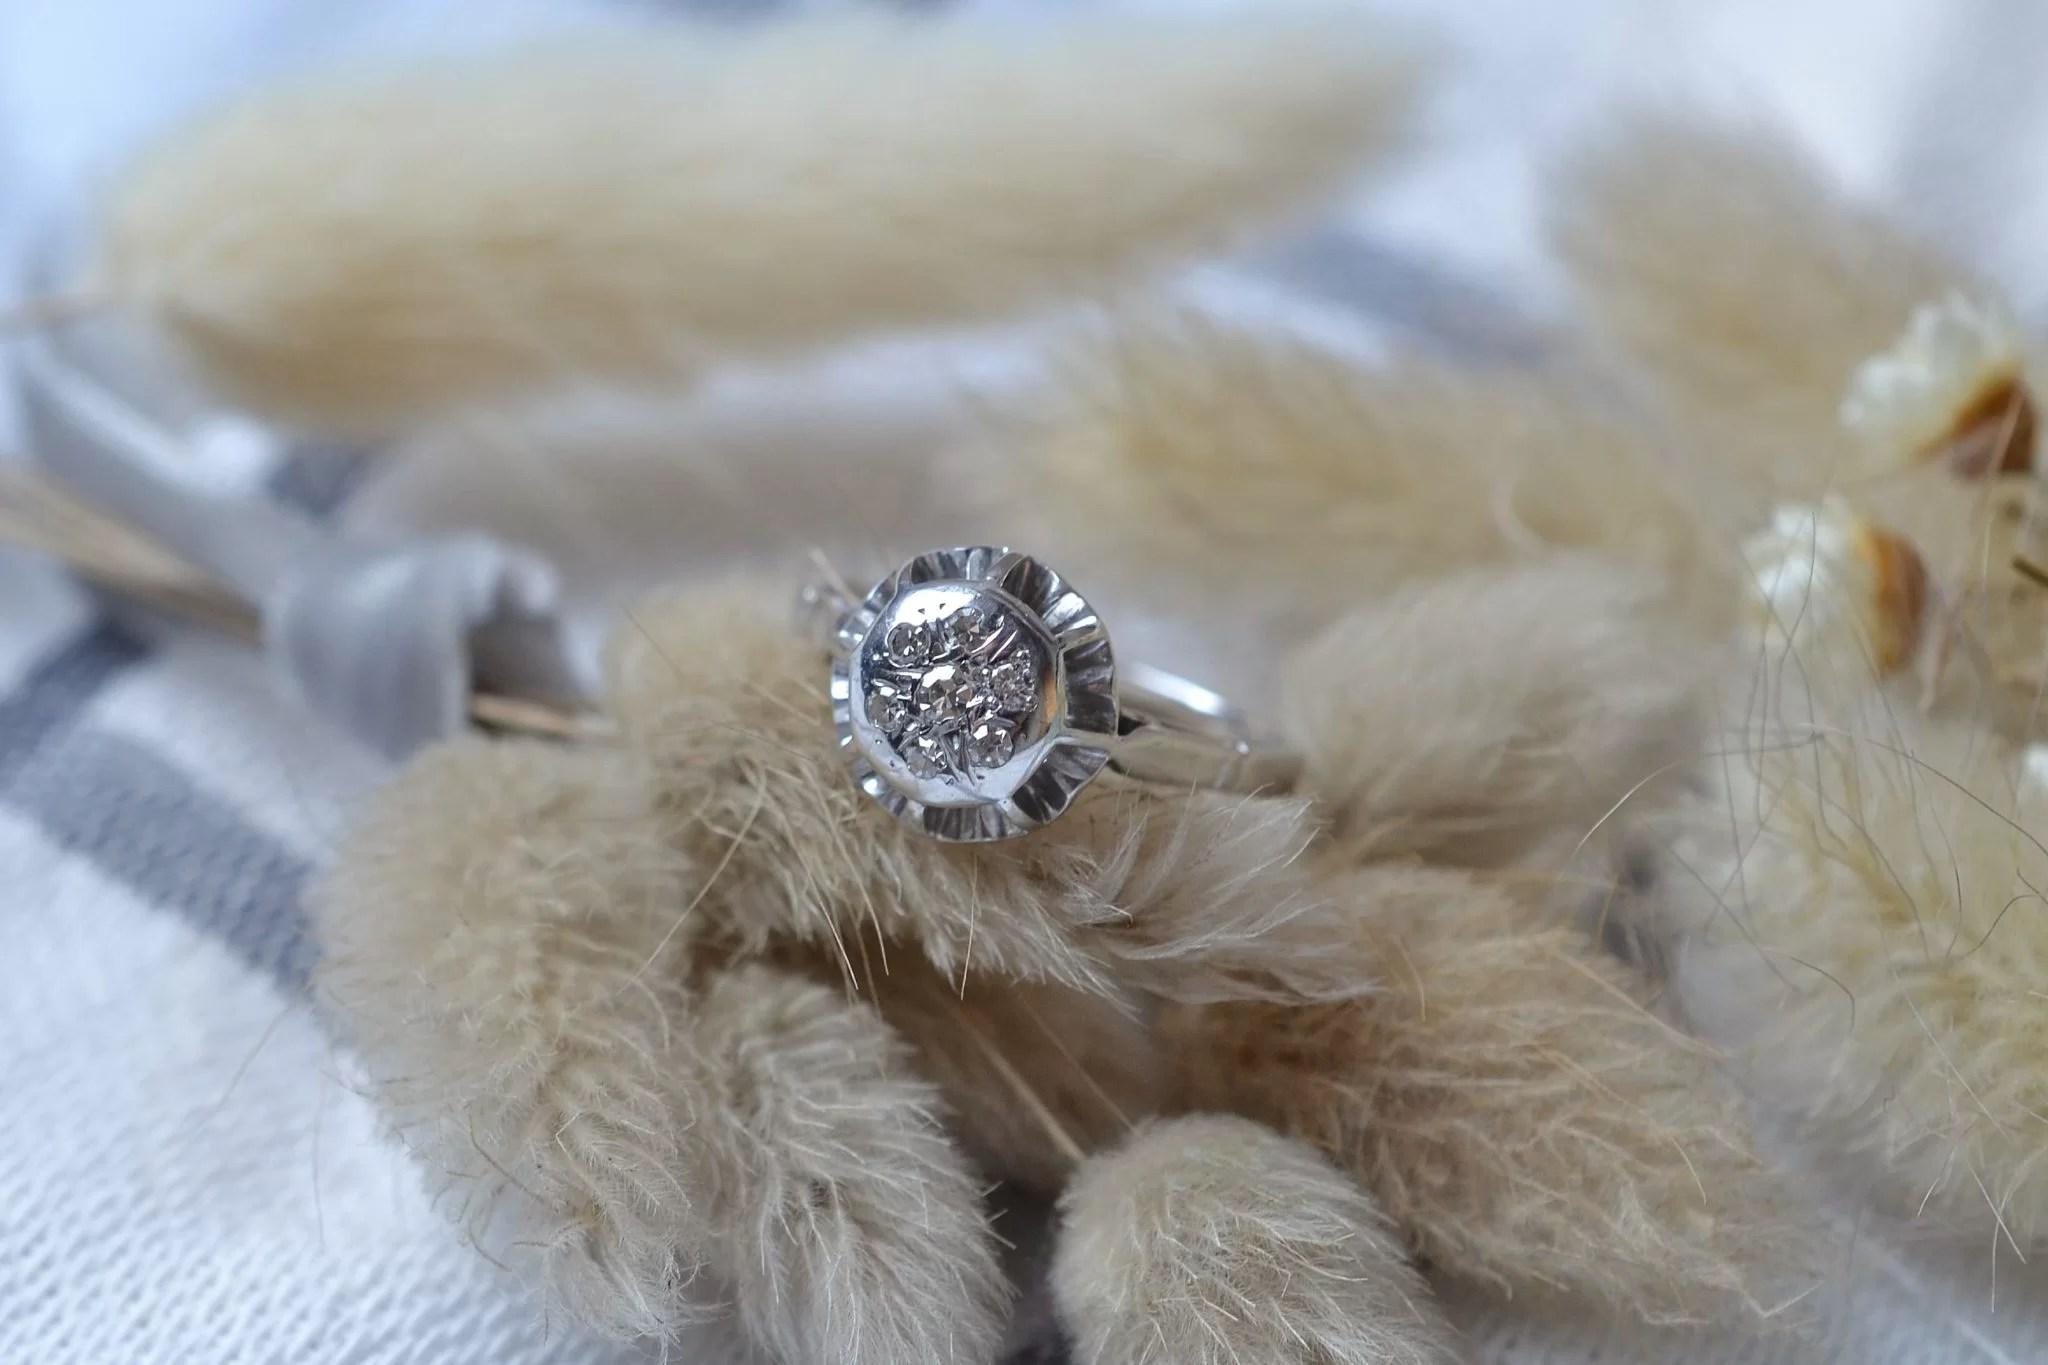 Bague en Or blanc, chaton rond orné de diamants 8_8 - bague éthique